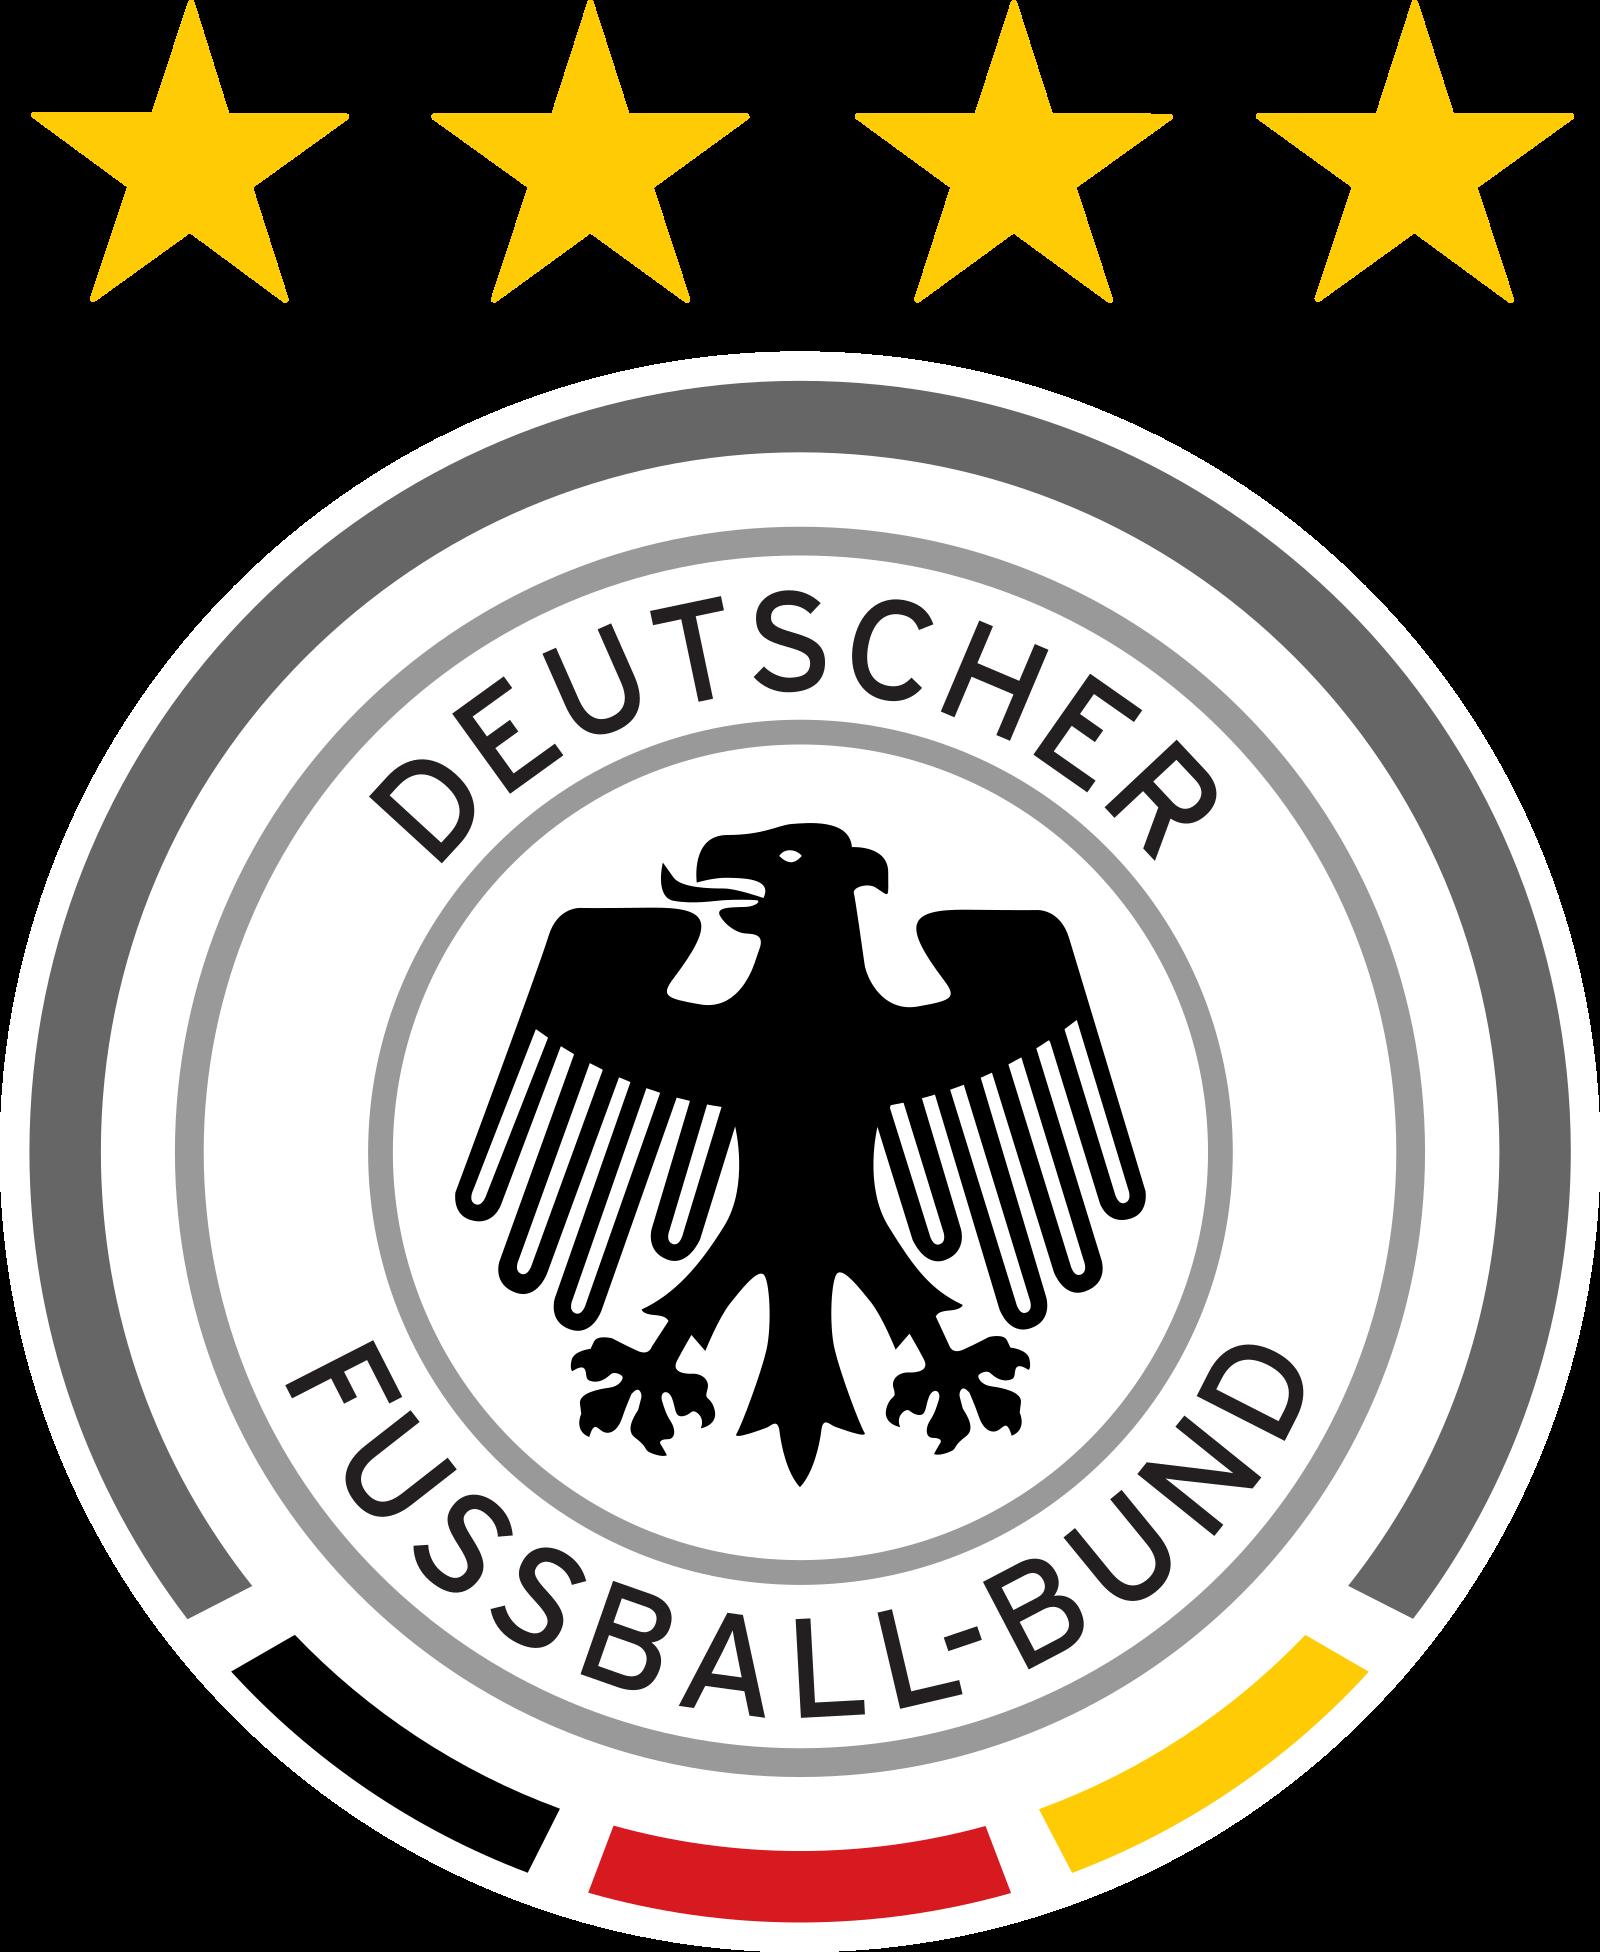 selecao alemanha logo escudo 4 - Seleção da Alemanha Logo - Escudo